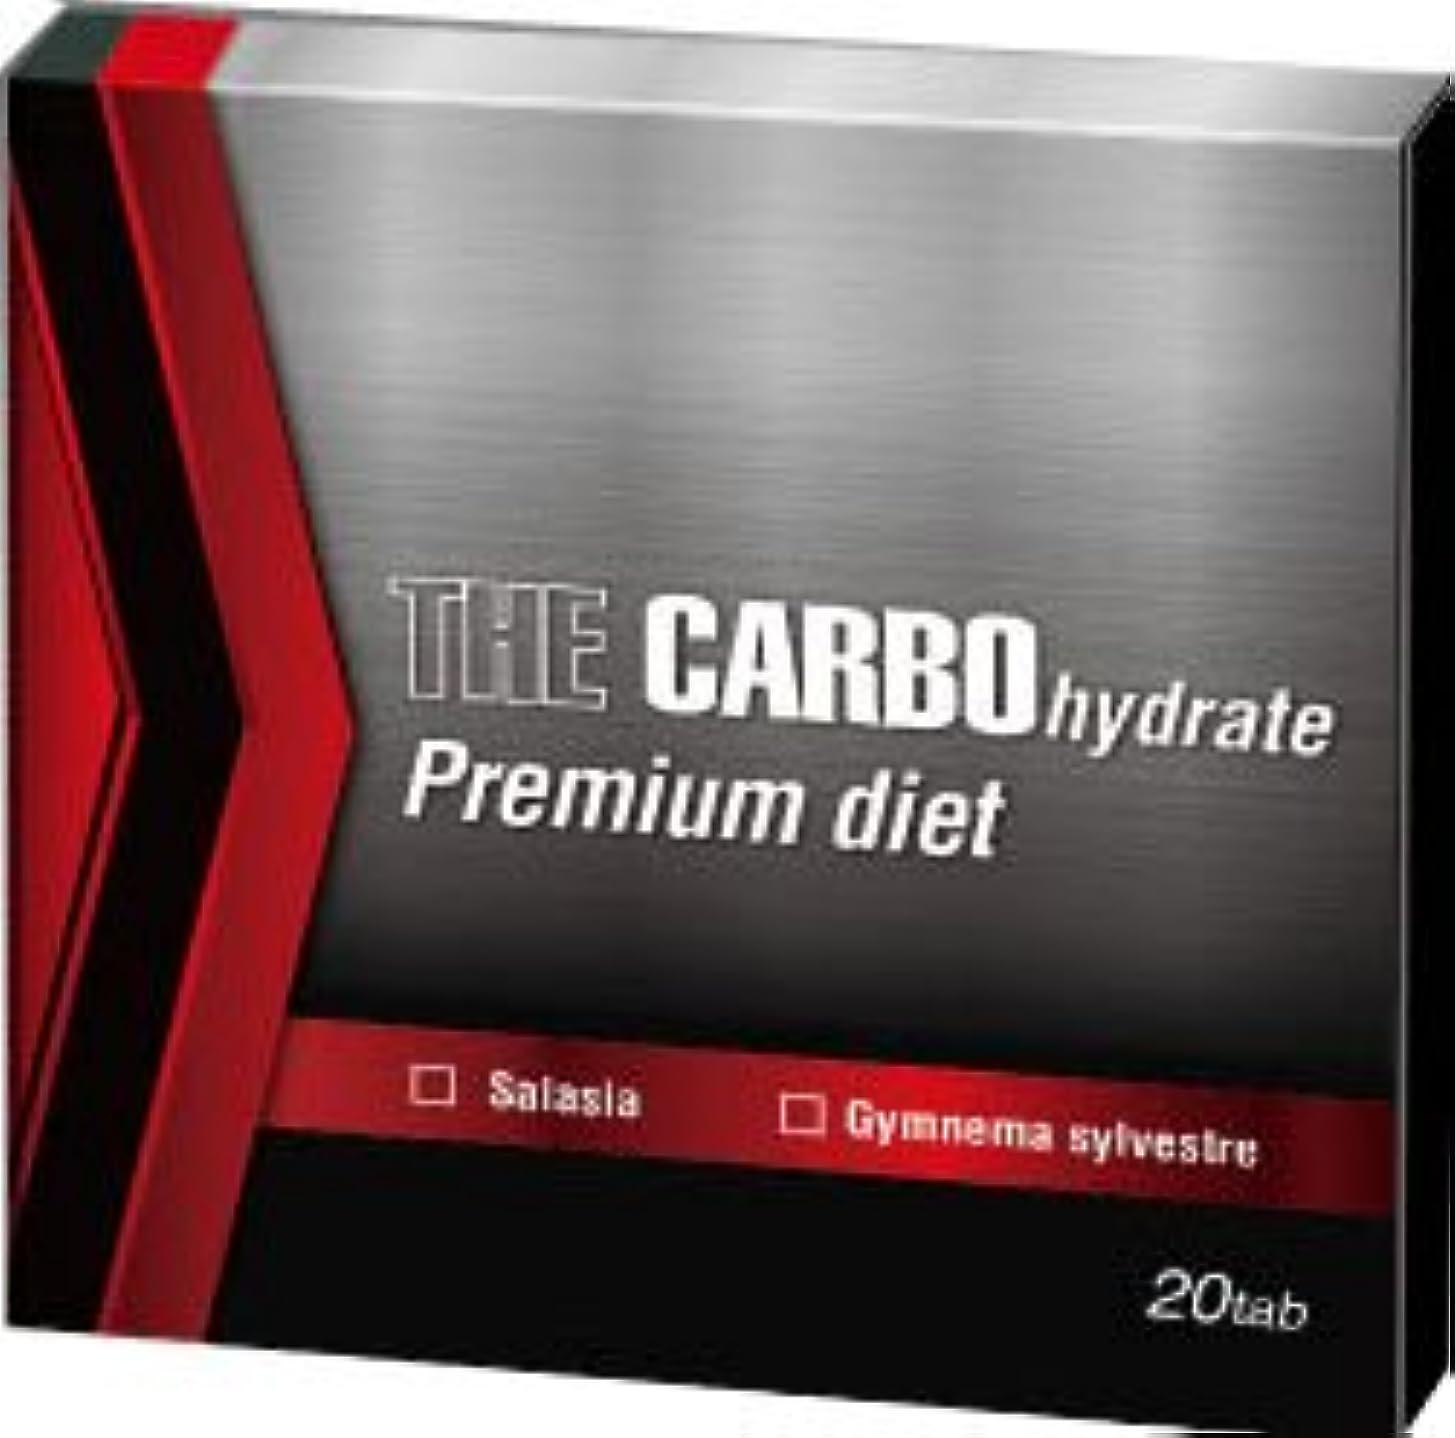 断線ガソリン反乱ザ?糖質プレミアムダイエット20Tab〔THE CARBO hydrate Premium daiet〕